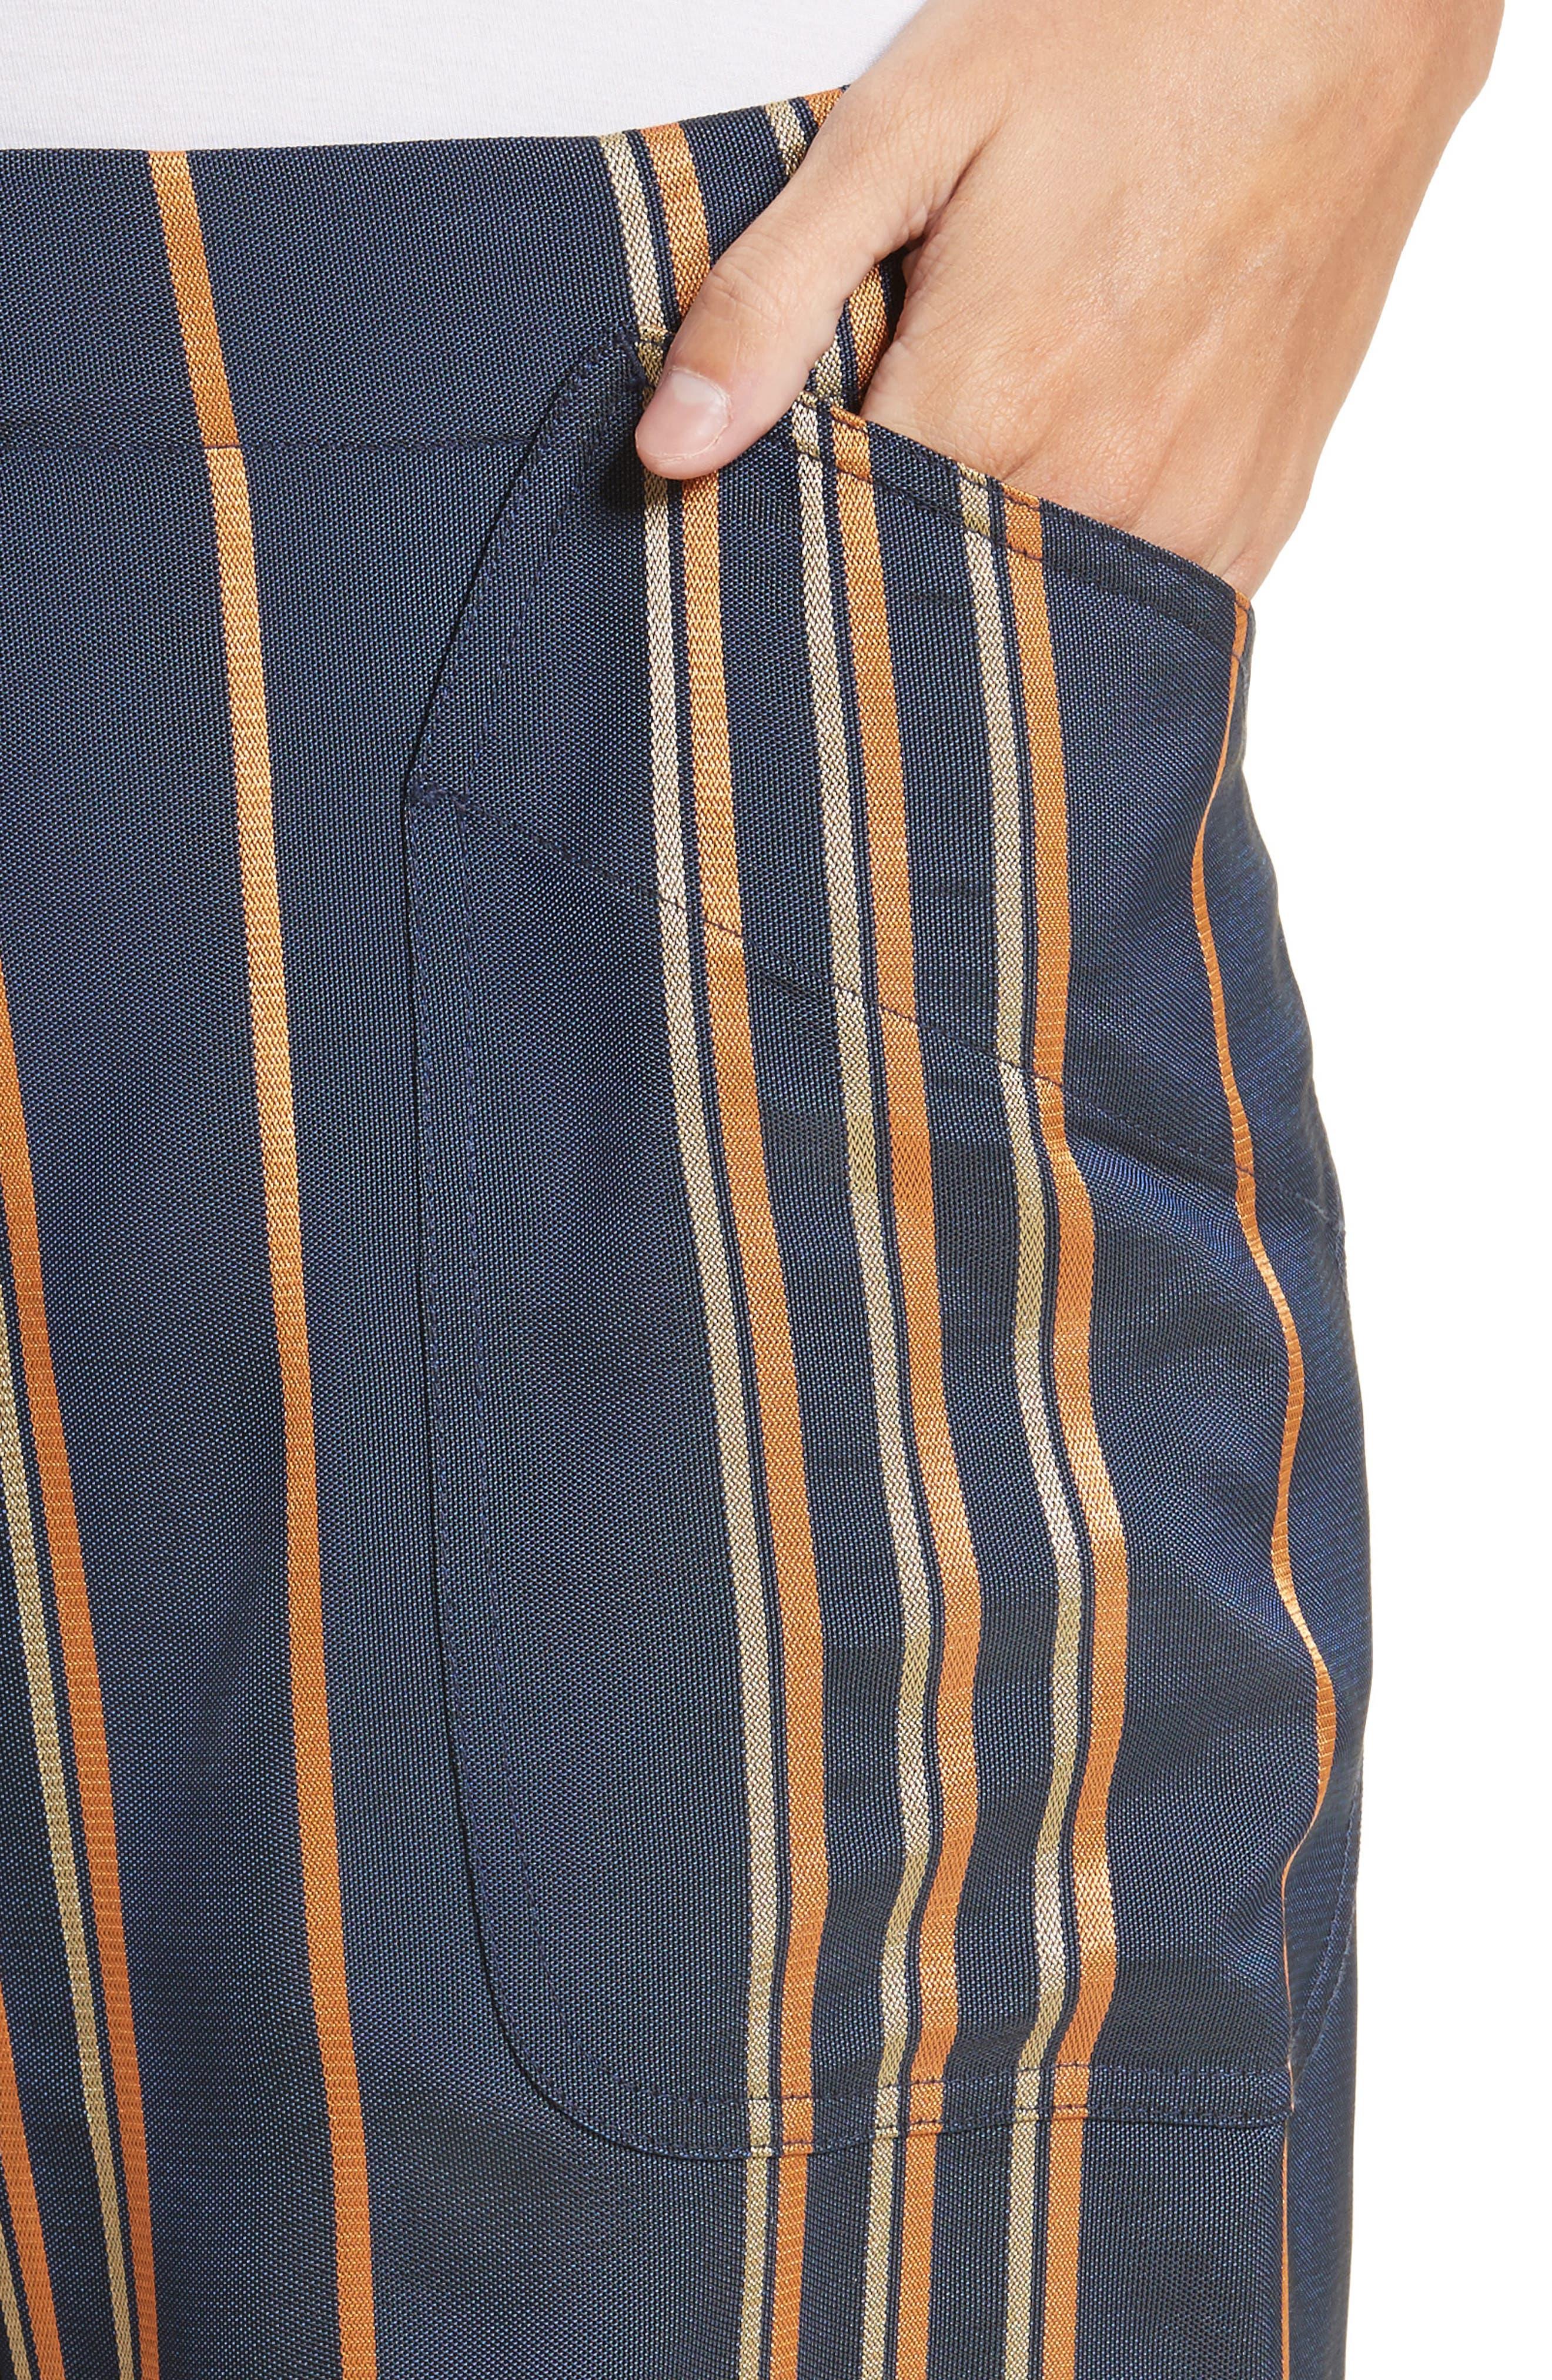 Stripe Pants,                             Alternate thumbnail 6, color,                             Mykonos/Papaya